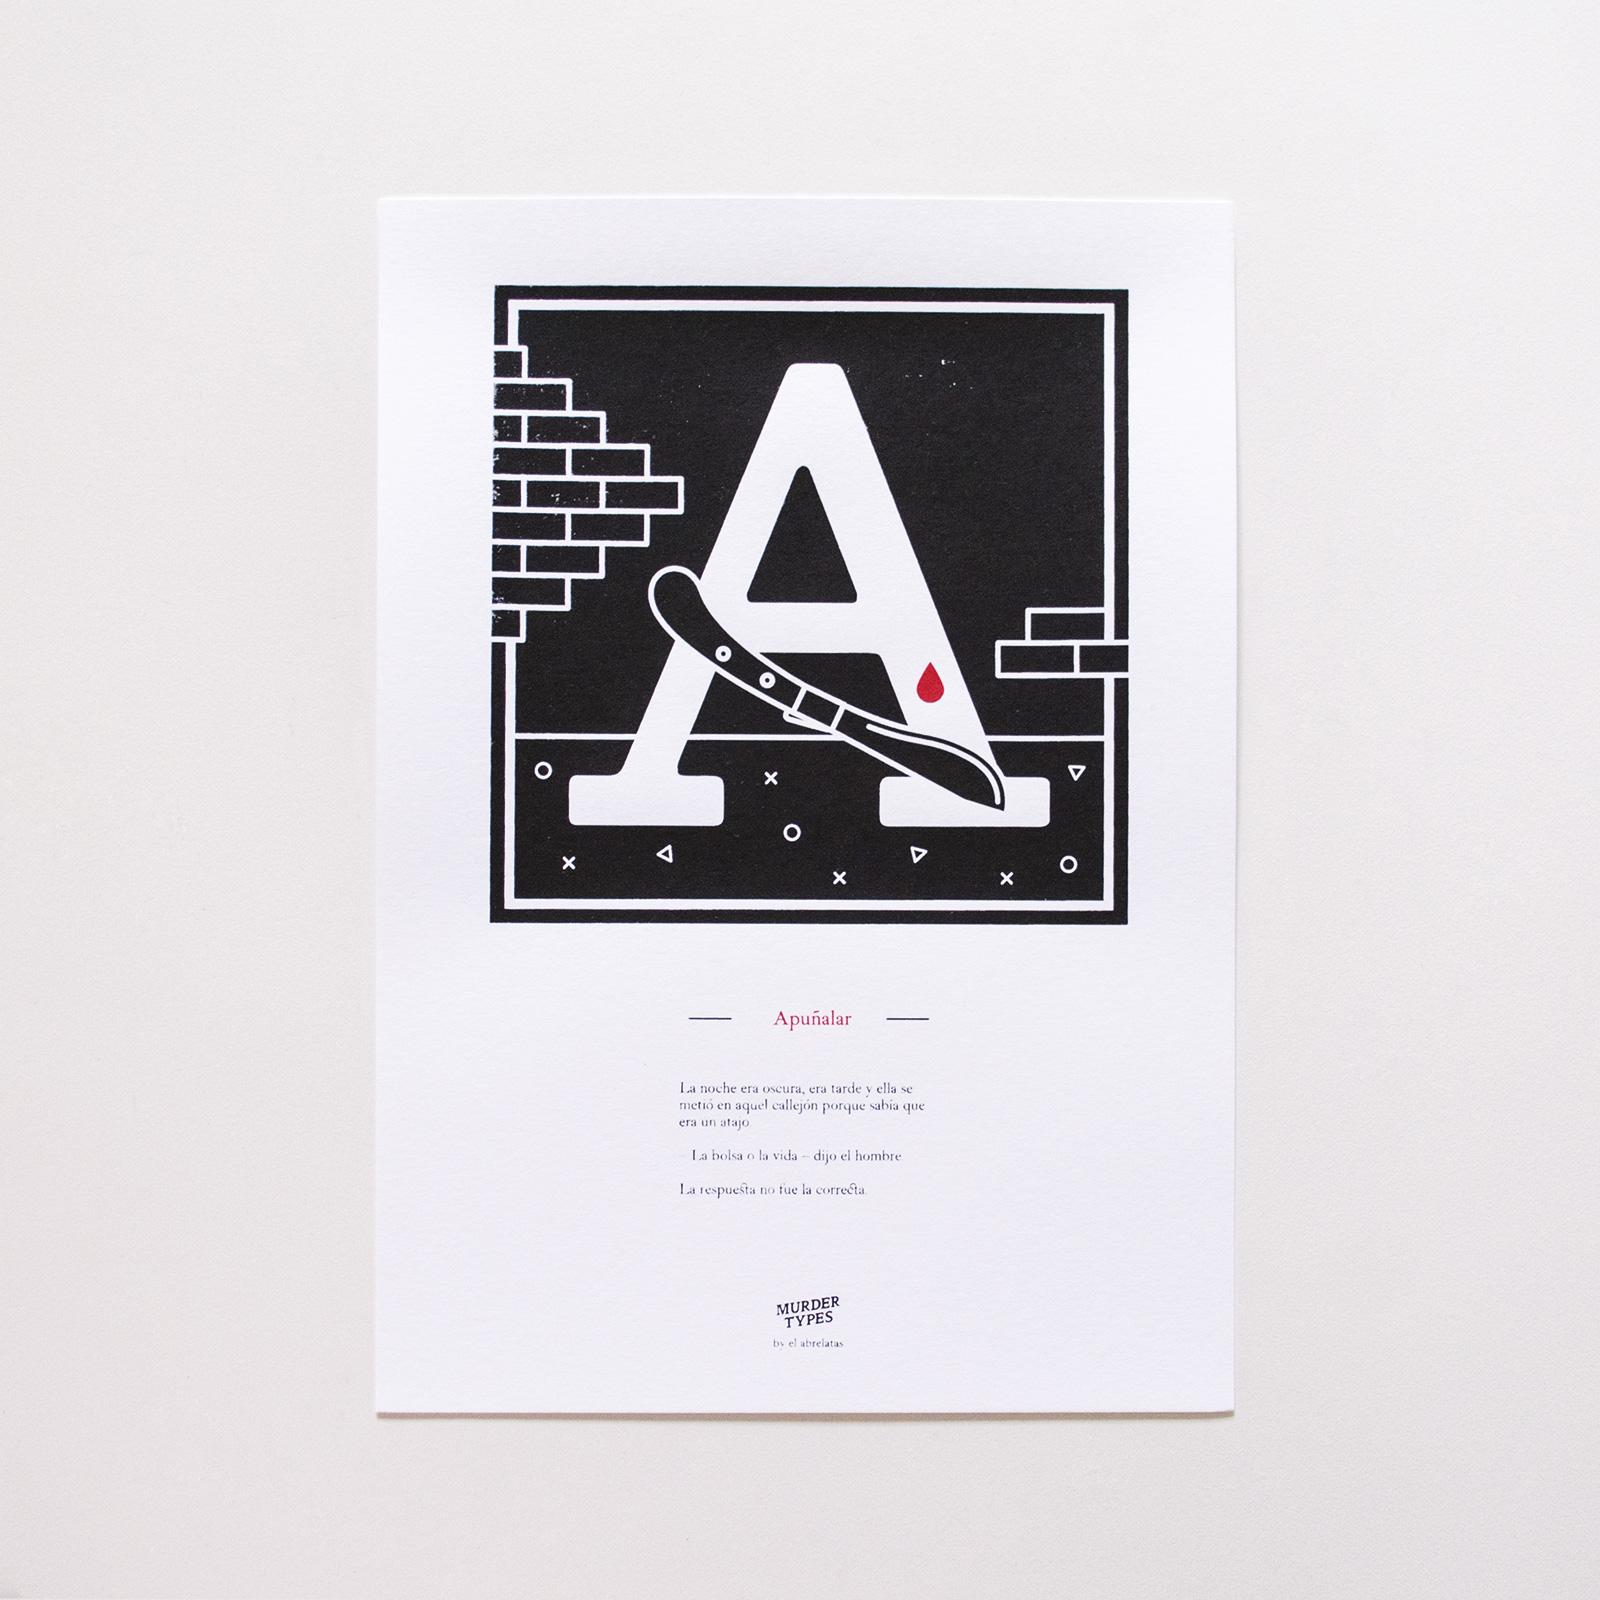 Lámina letra A - Proyecto de autoedición en serigrafía Murder Types